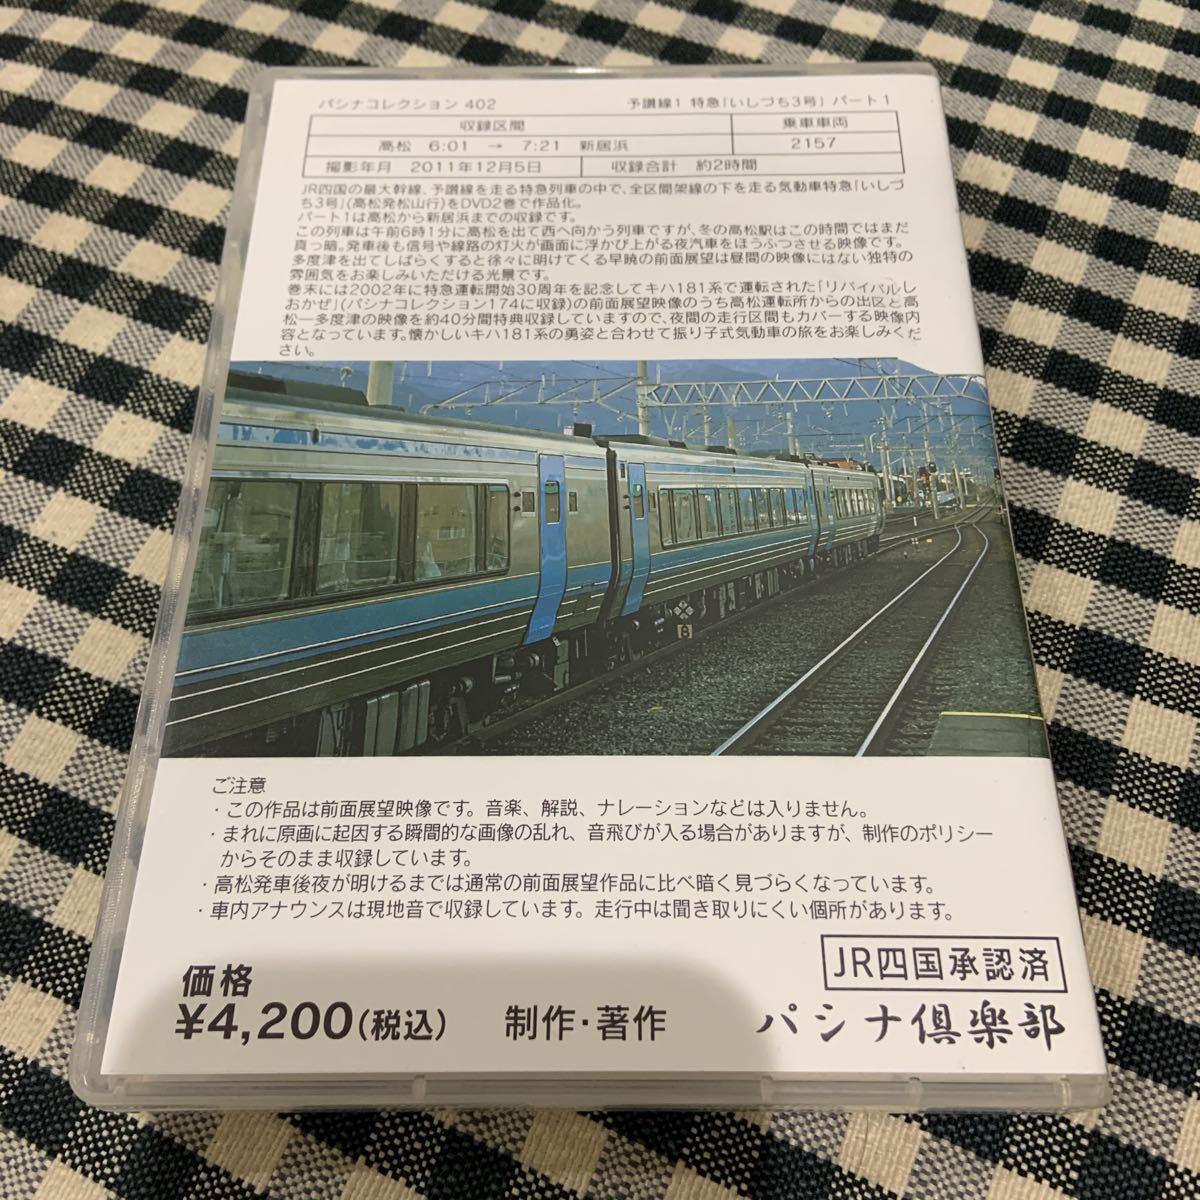 パシナコレクション 特急「いしづち3号」パート1 DVD_画像2